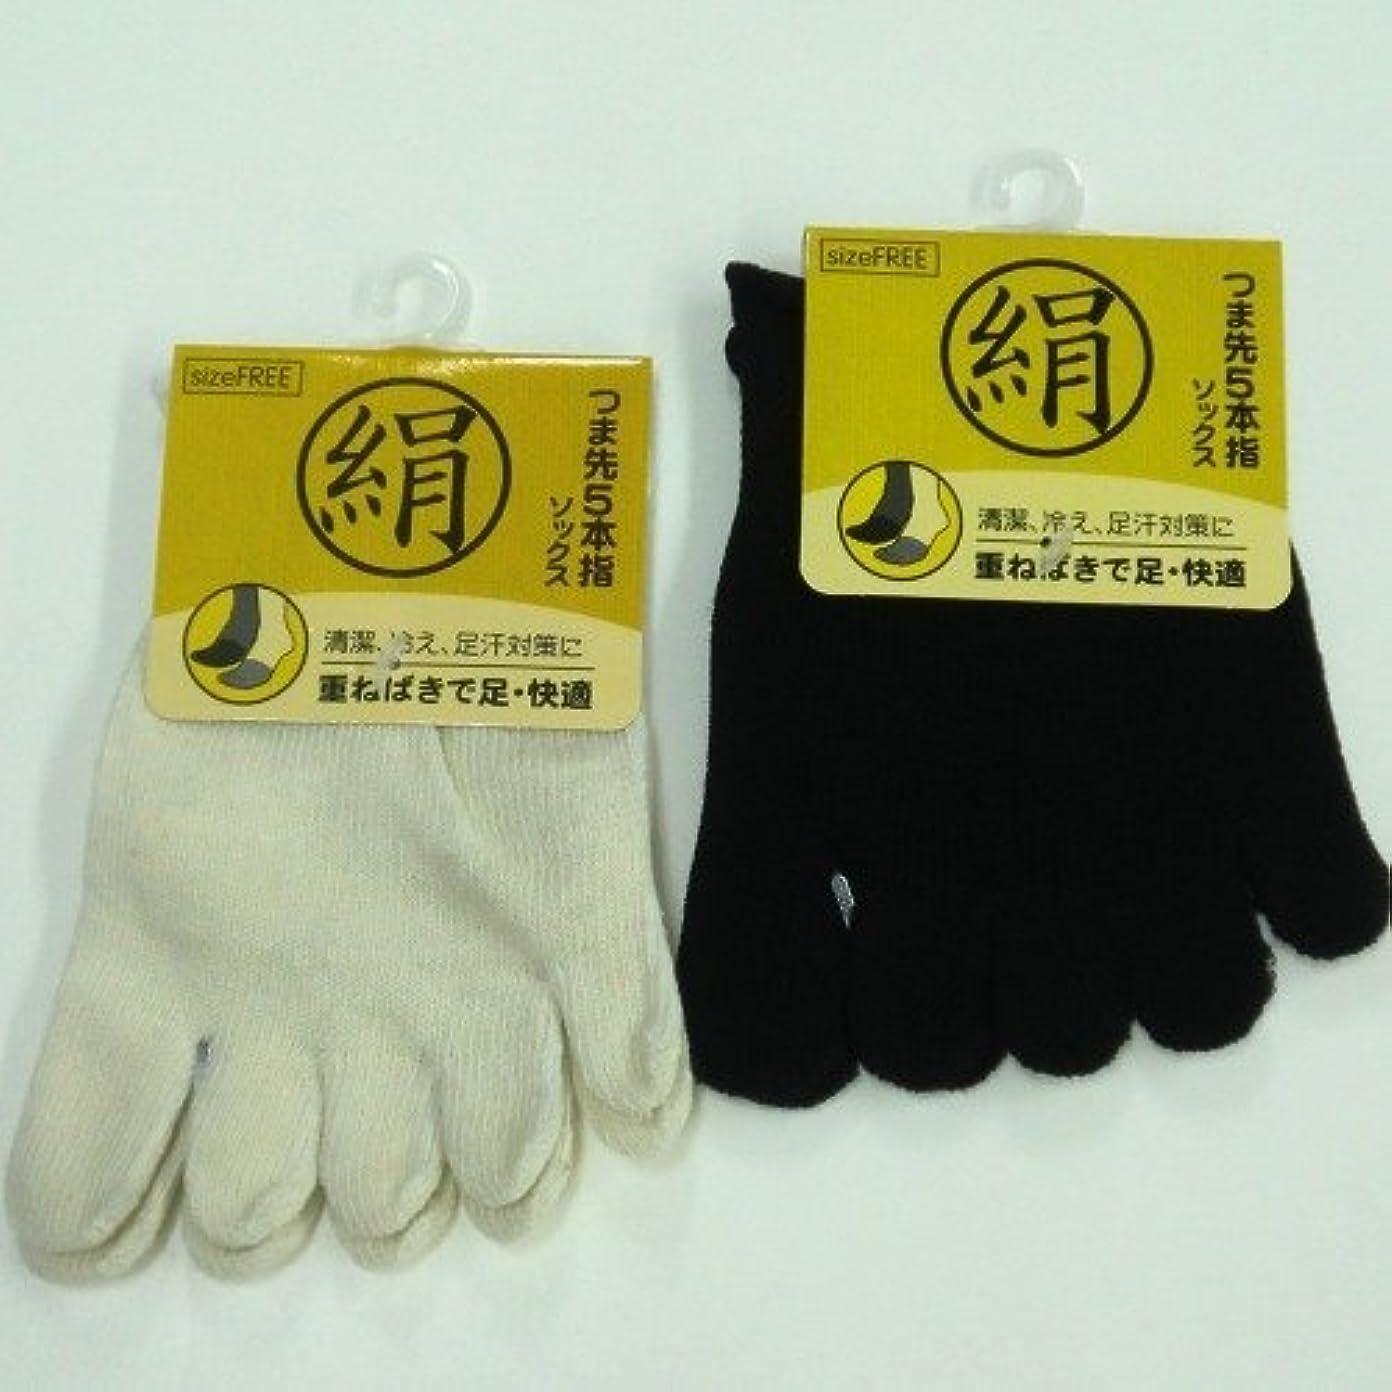 再発する本質的ではない重量シルク 5本指ハーフソックス 足指カバー 天然素材絹で抗菌防臭 3足組 (色はお任せ)